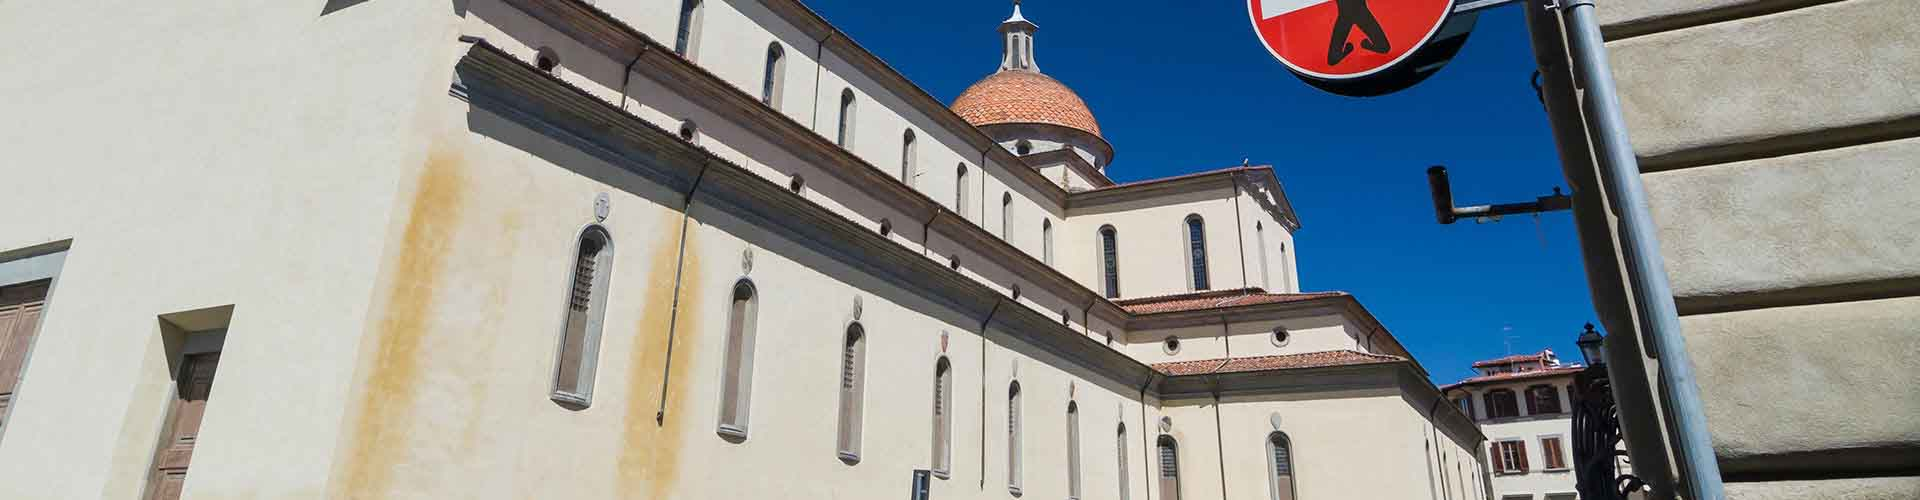 Florencia - Apartamentos en el distrito Santo Spirito. Mapas de Florencia, Fotos y comentarios de cada Apartamento en Florencia.